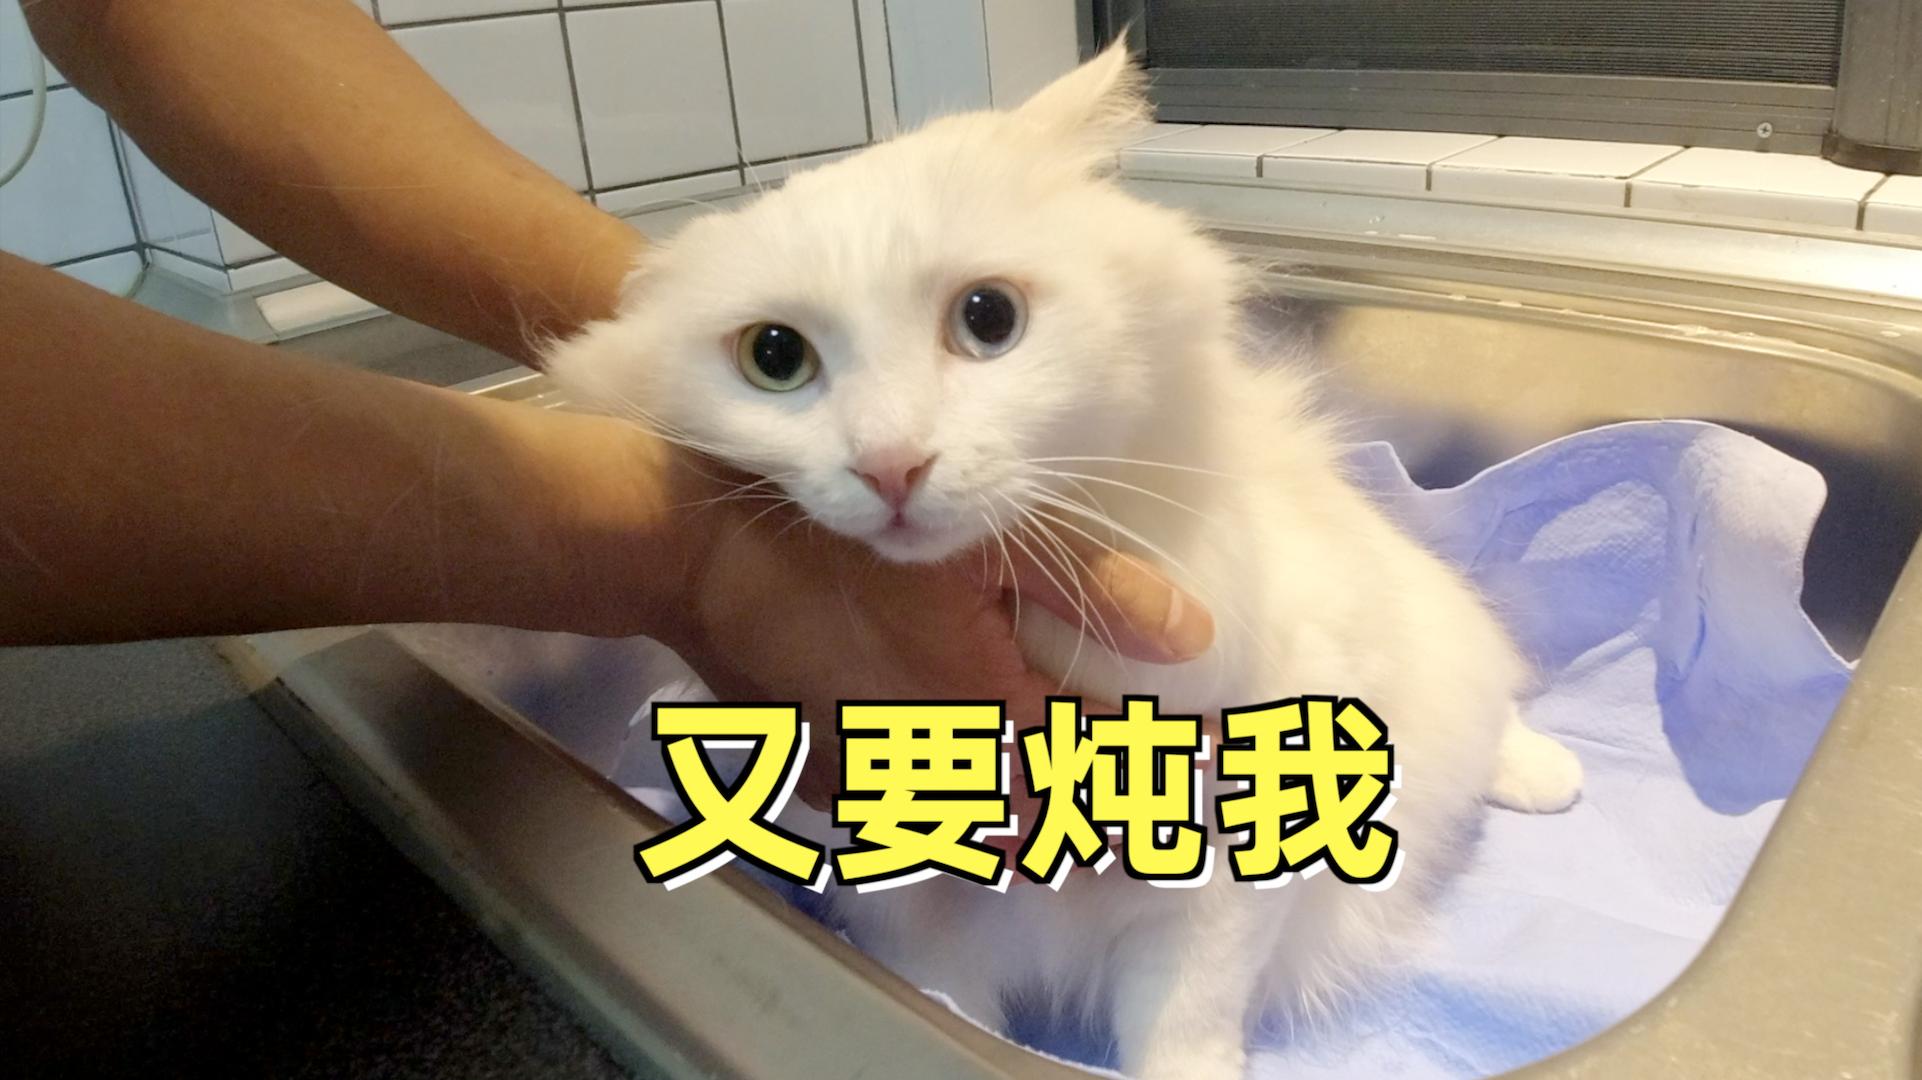 逗比主人给猫咪洗个澡, 还把猫咪做成奶油甜点,戏真多